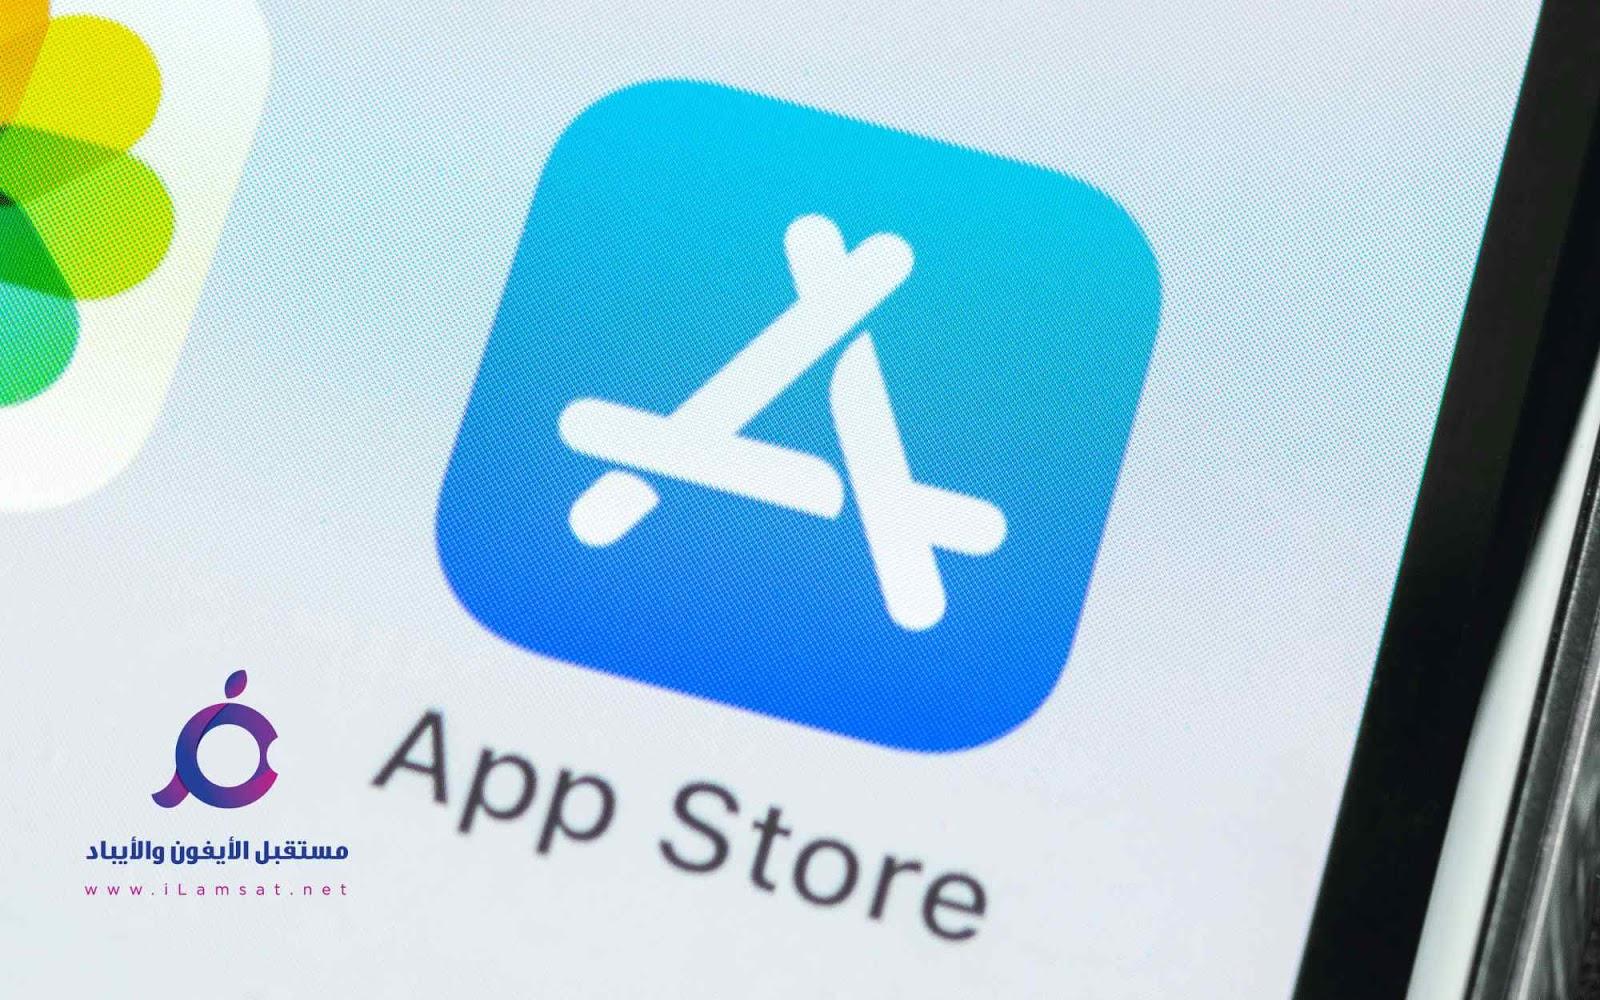 اسعار التطبيقات في متجر Appstore